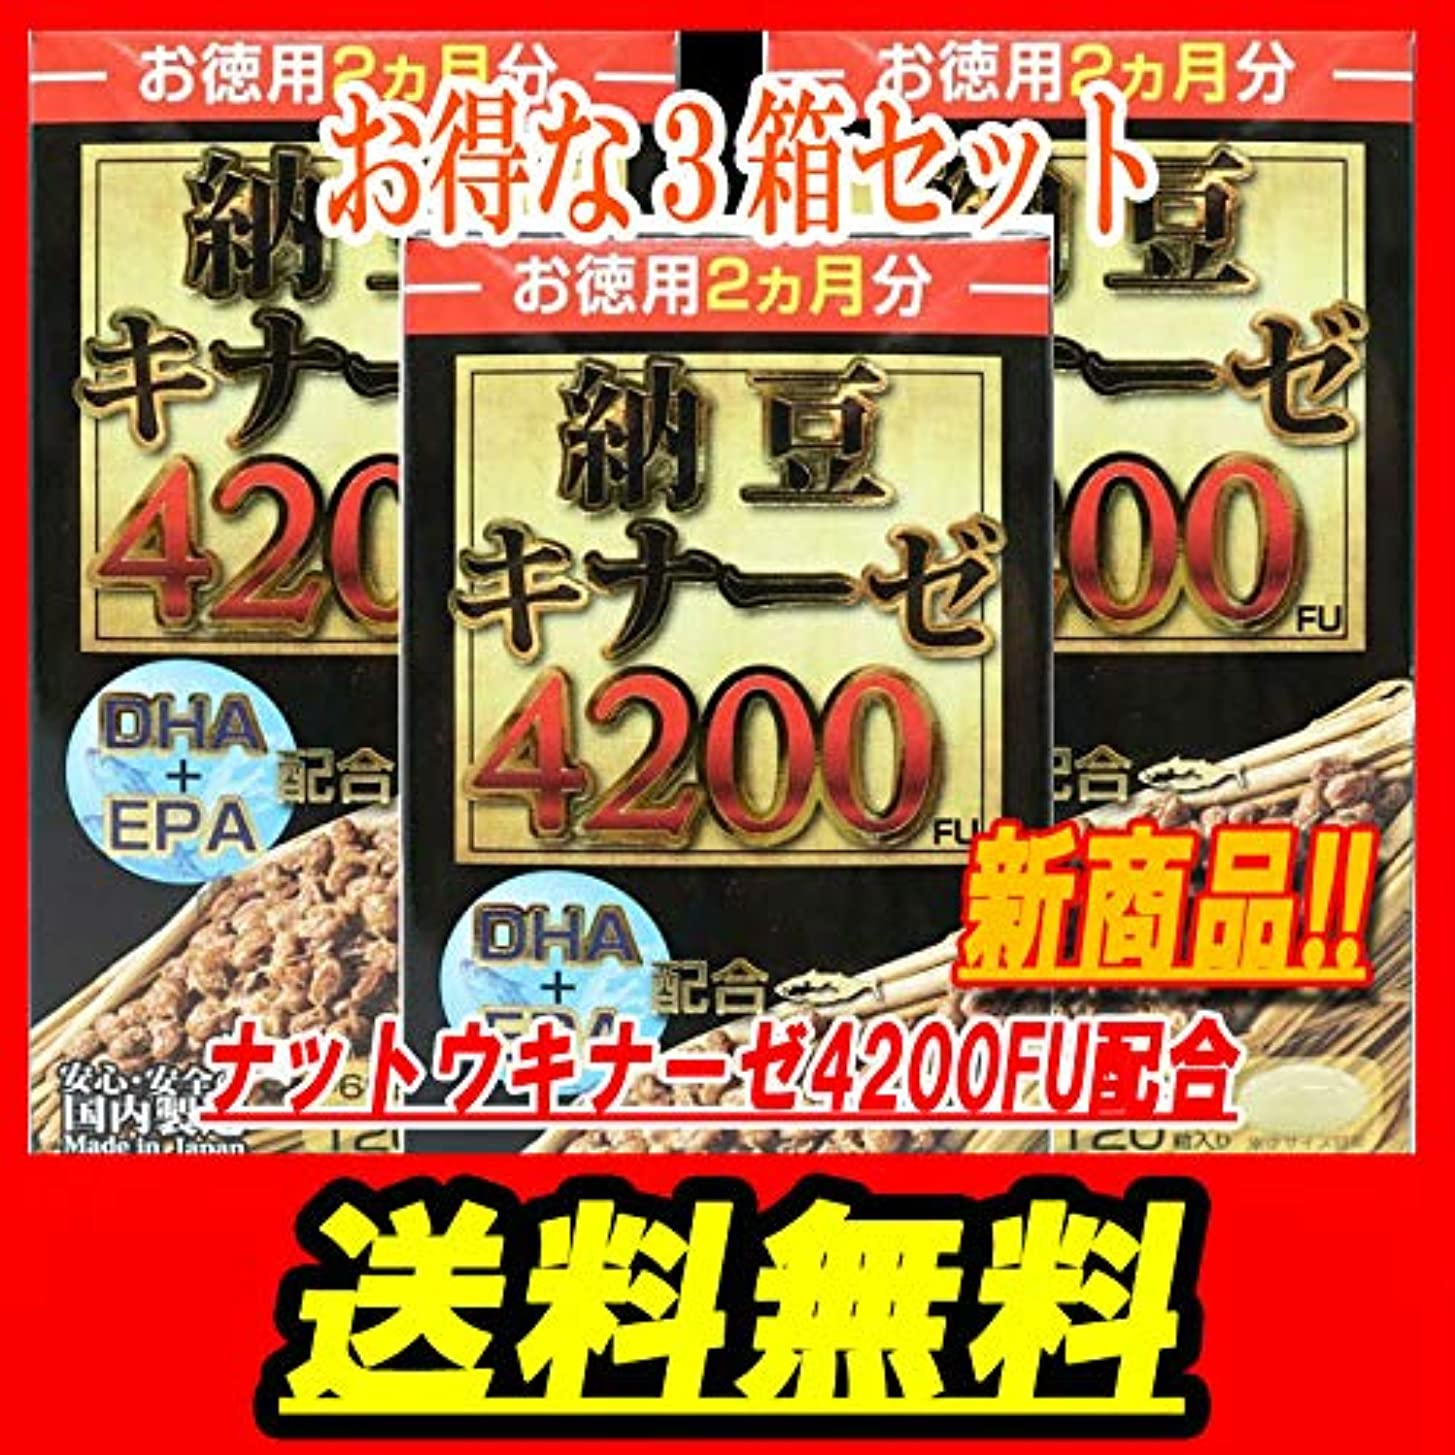 弁護士宇宙飛行士オペラマルマン 納豆キナーゼ4200FU 120粒【3箱セット】 (DHA+EPA配合)